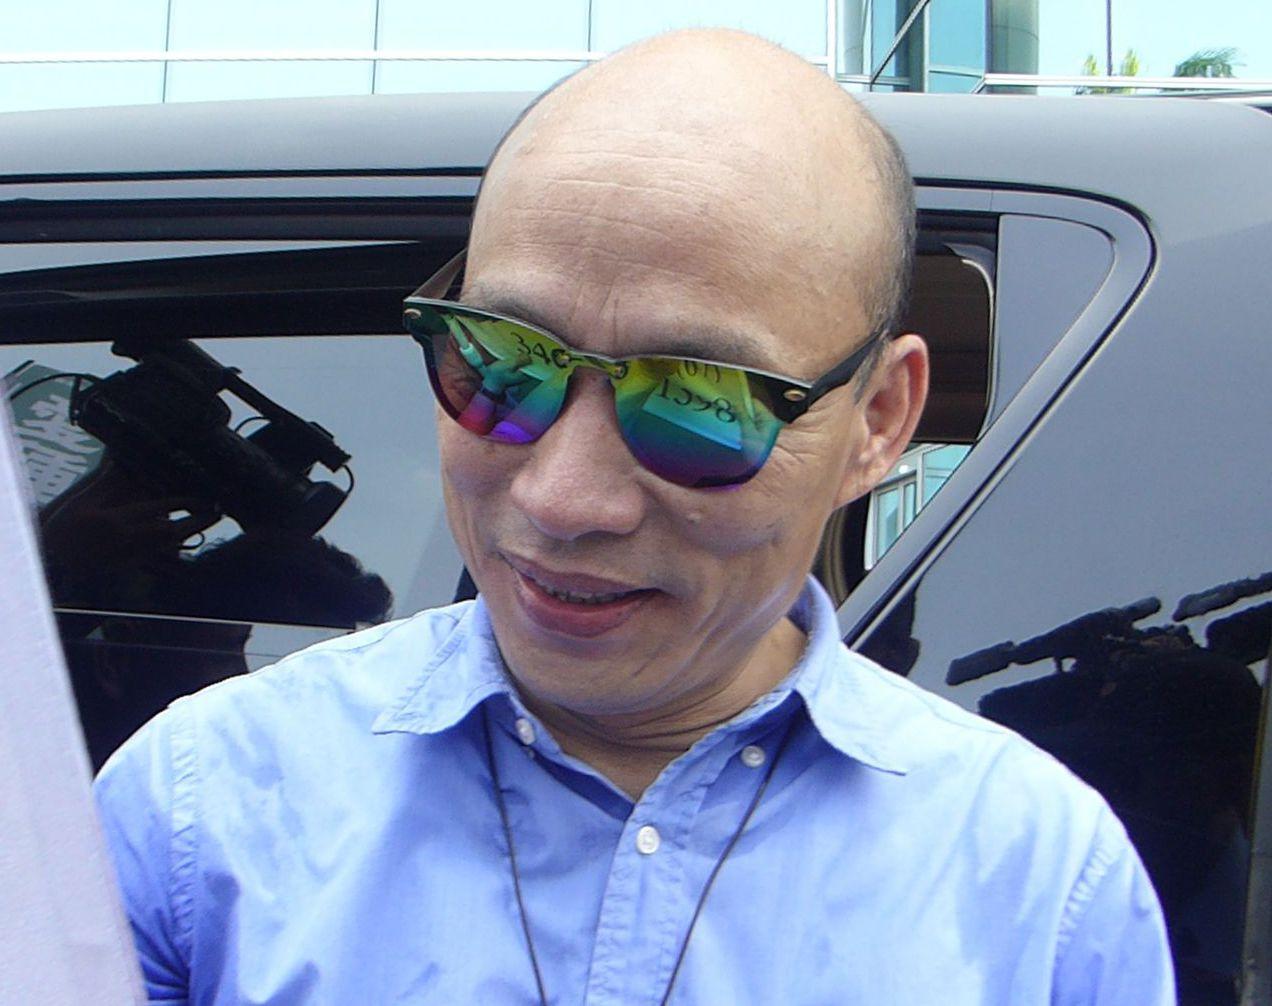 市長應管決策性大方向的問題。圖為高雄市長韓國瑜。 記者楊濡嘉/攝影